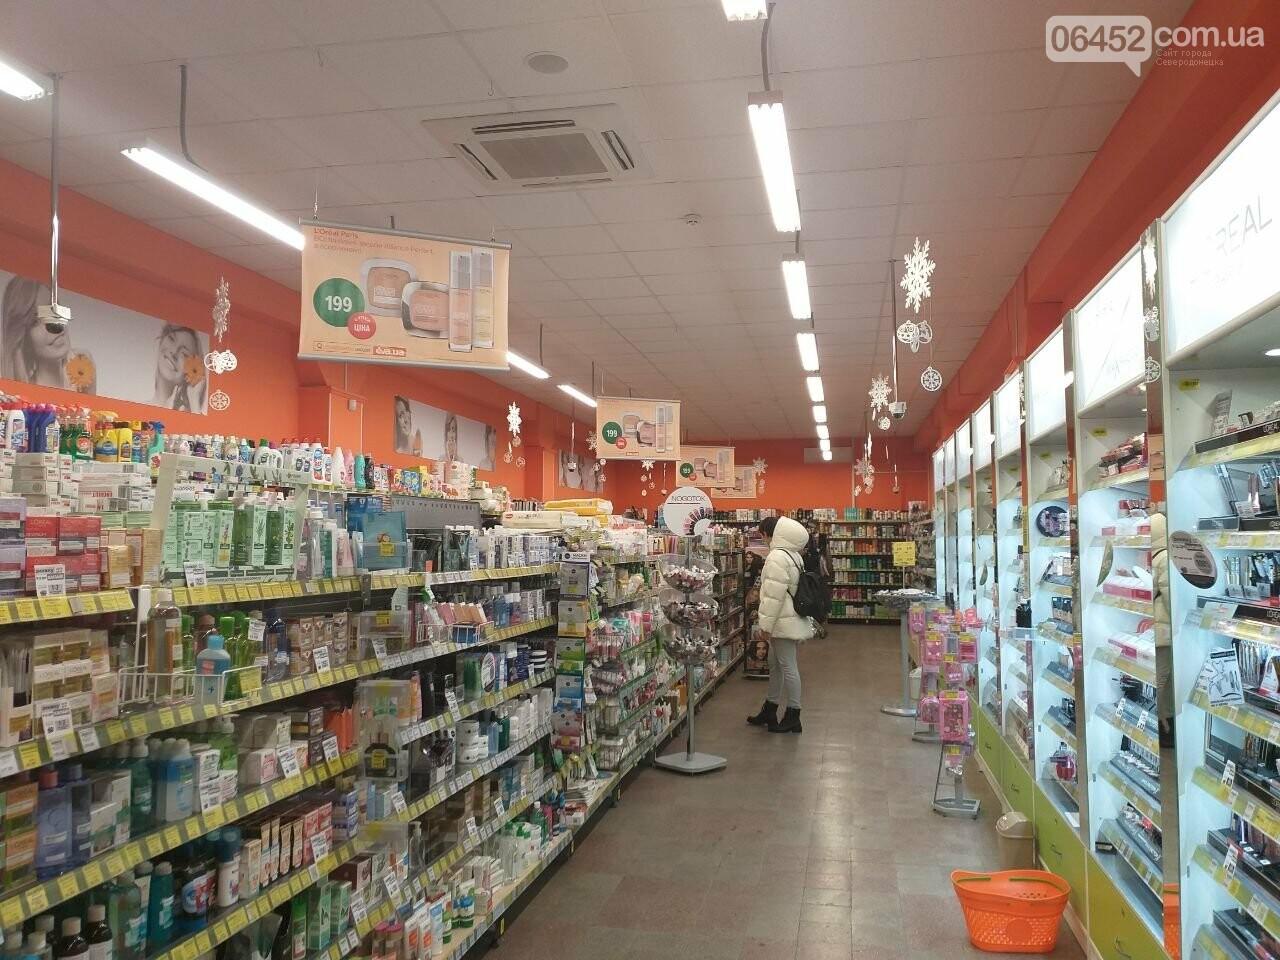 Северодончанам на заметку: бизнес будут штрафовать за клиентов без масок, фото-1